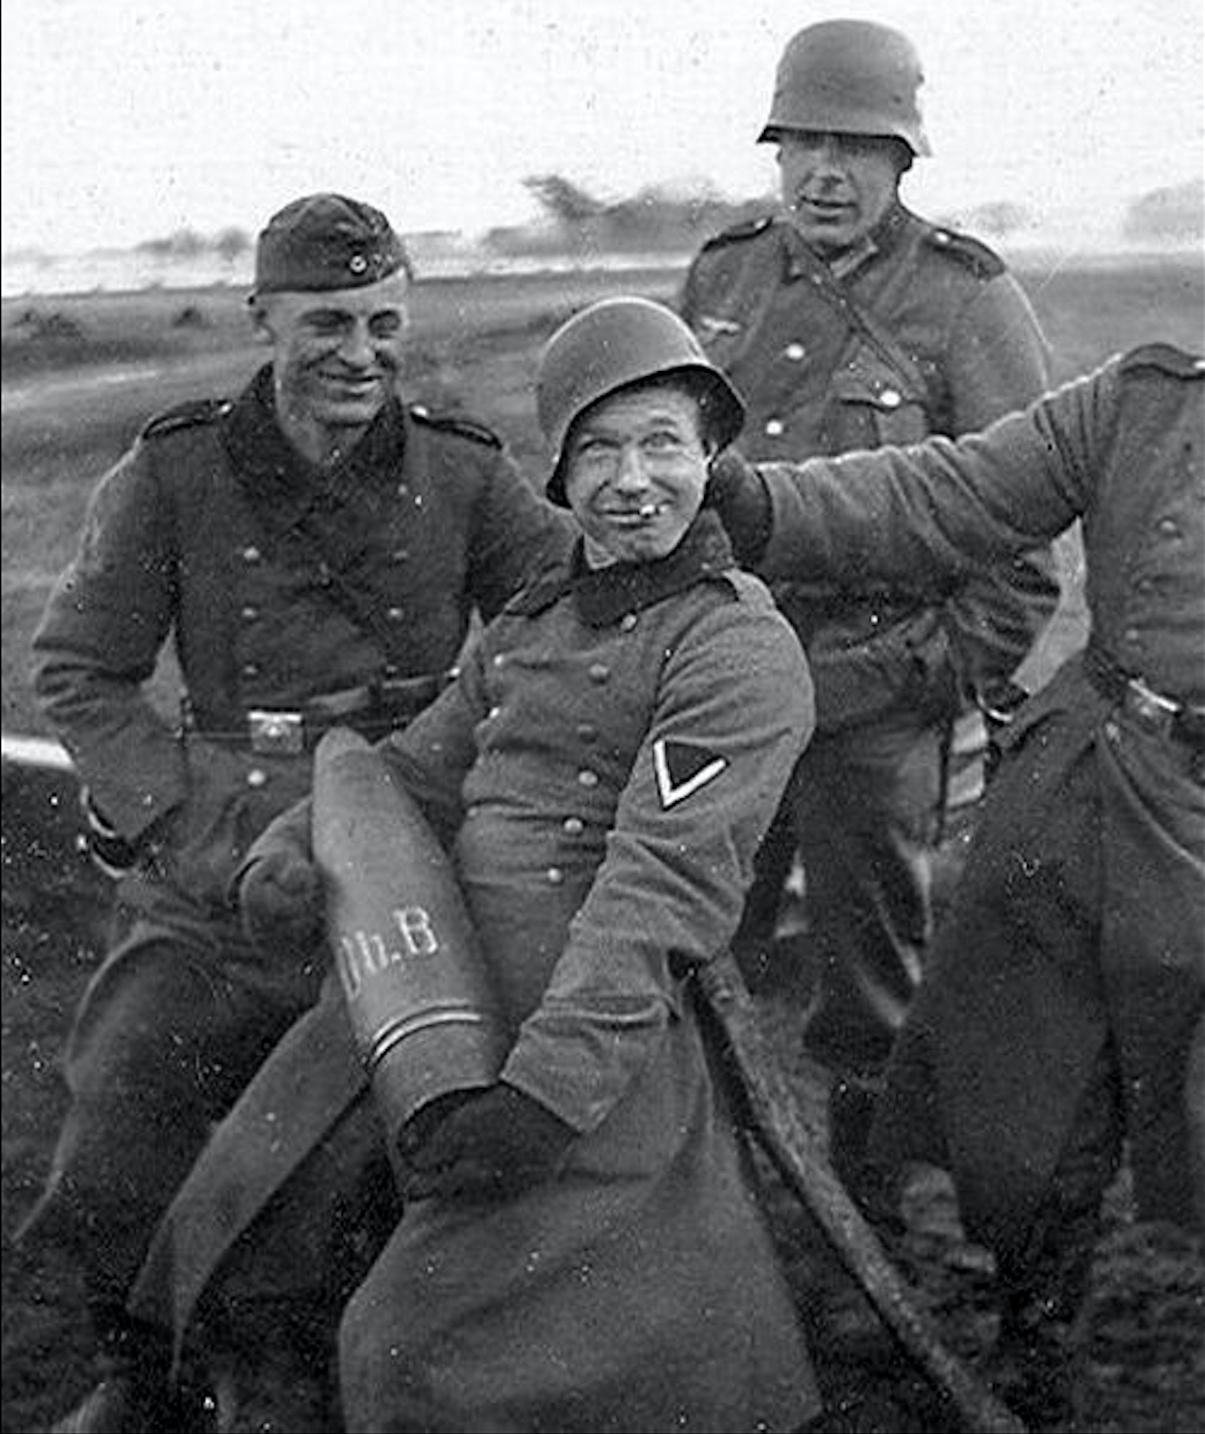 вермахт - армия наркоманов